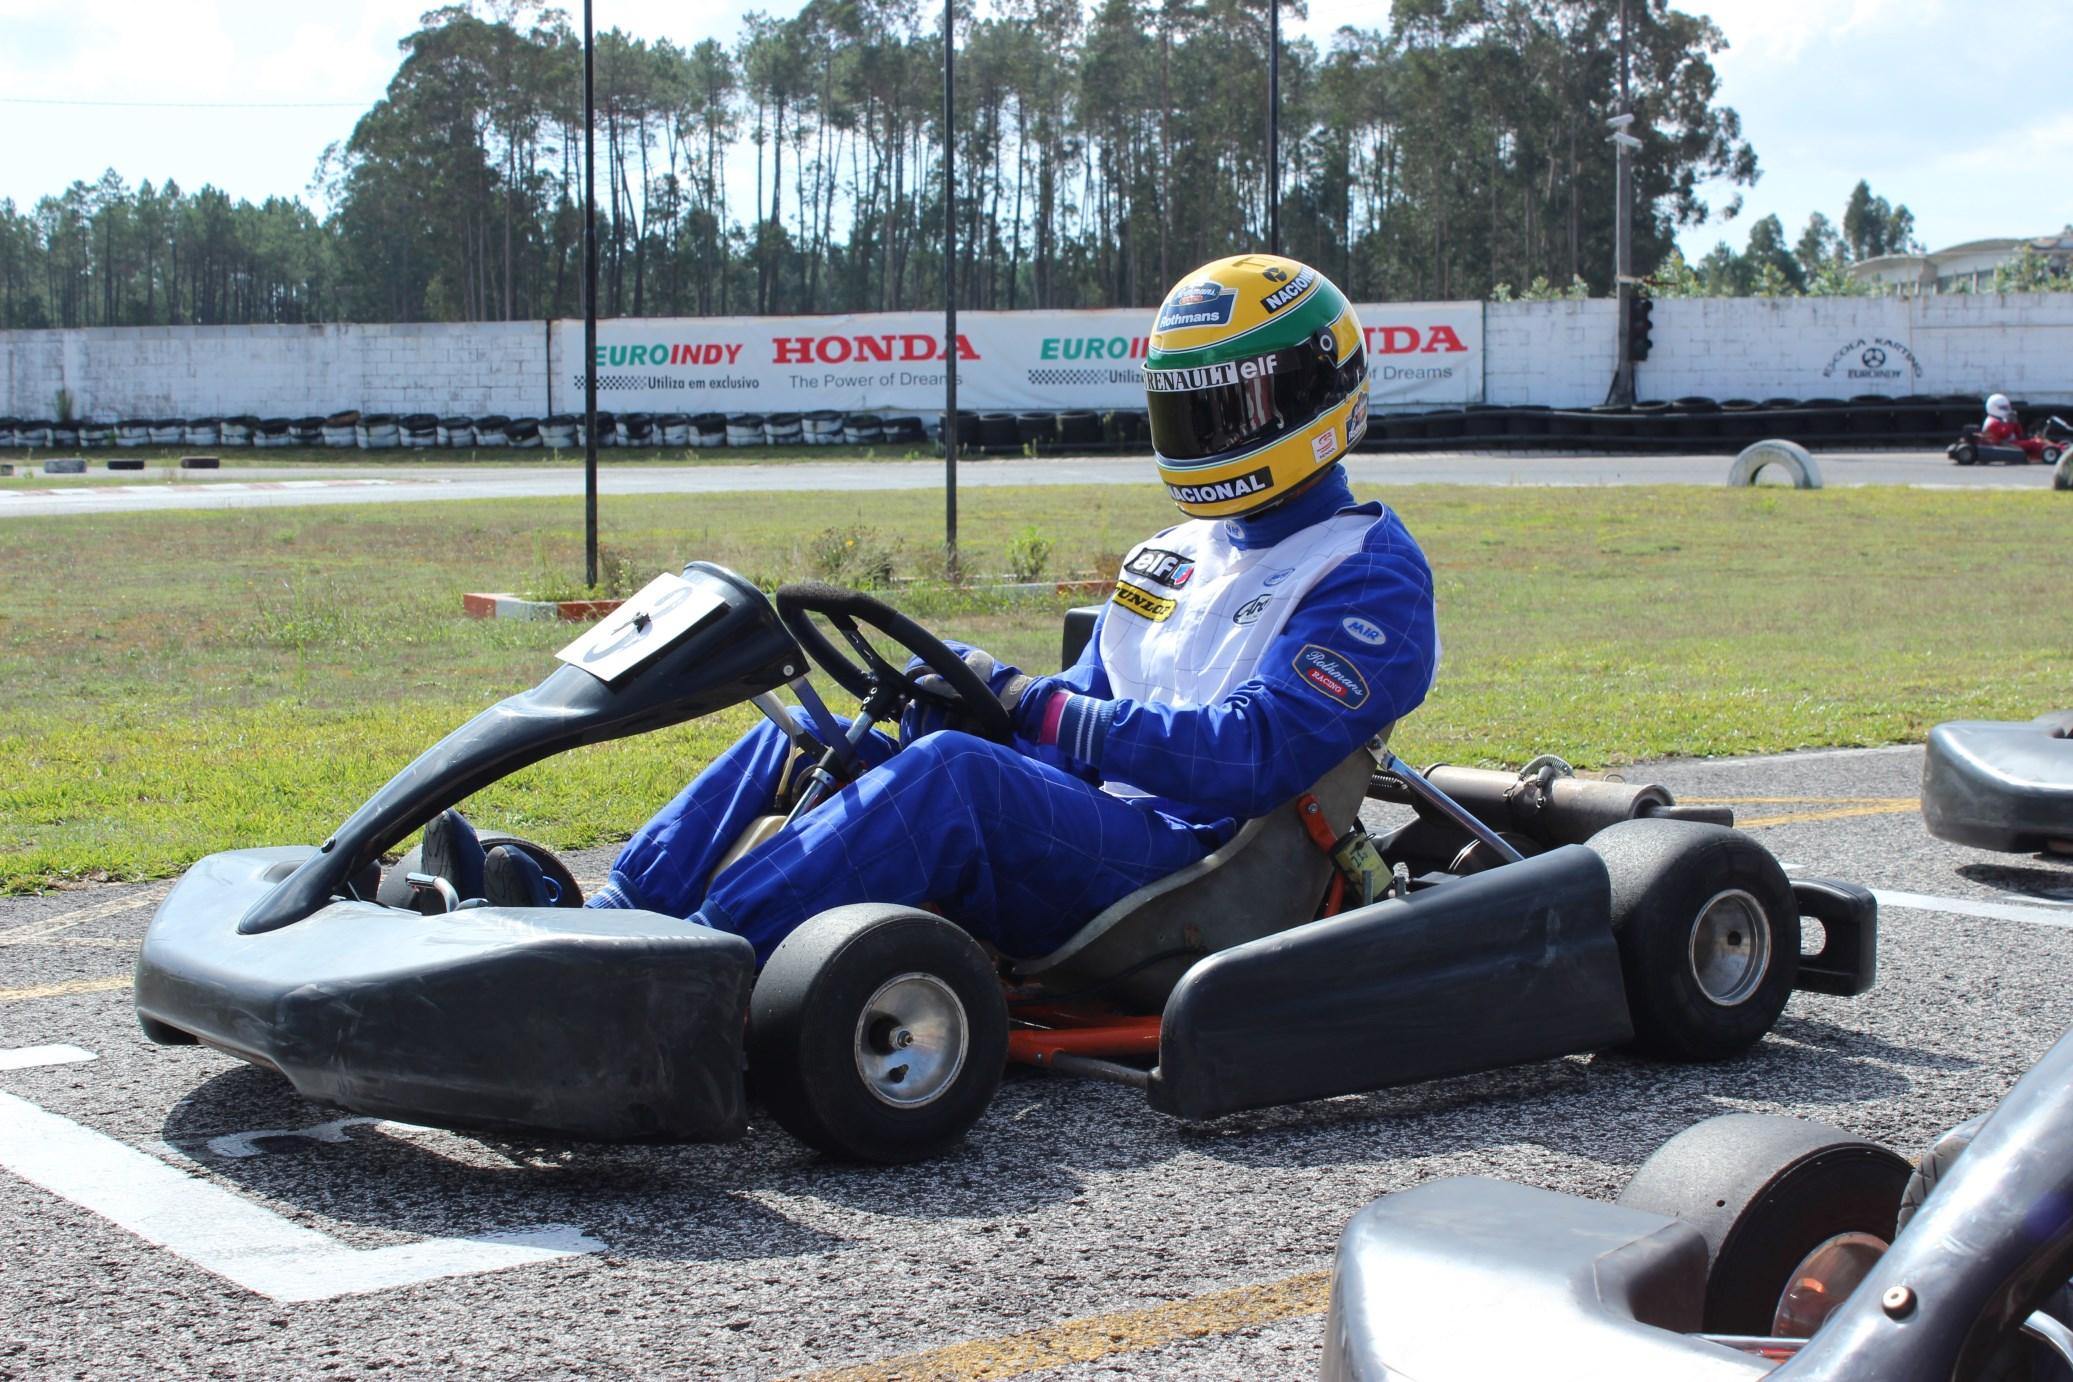 Troféu Honda 2014 - 3ª Prova67